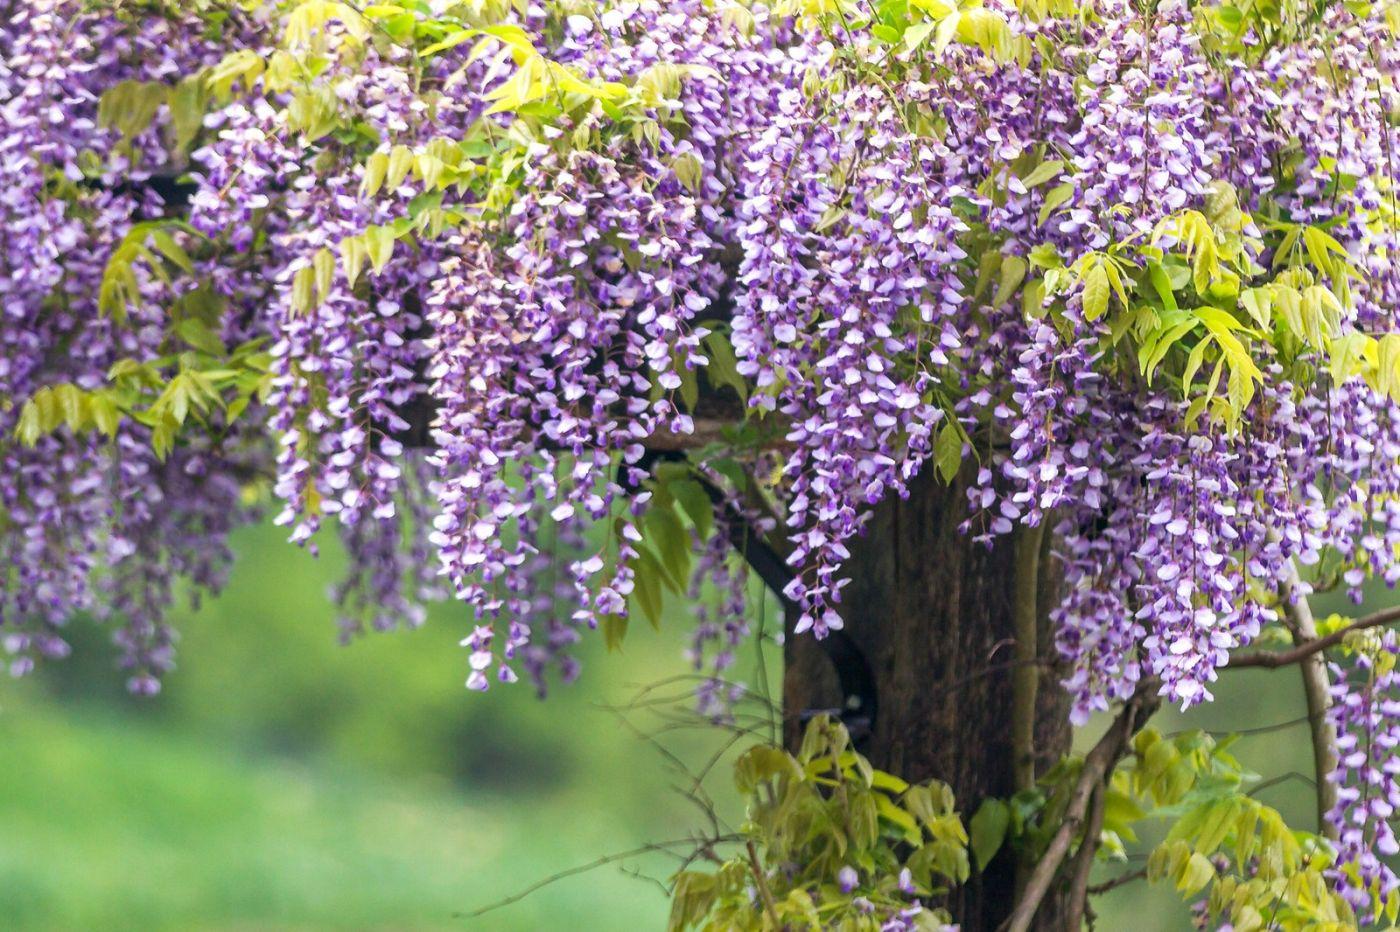 紫藤花相遇在春天_图1-6